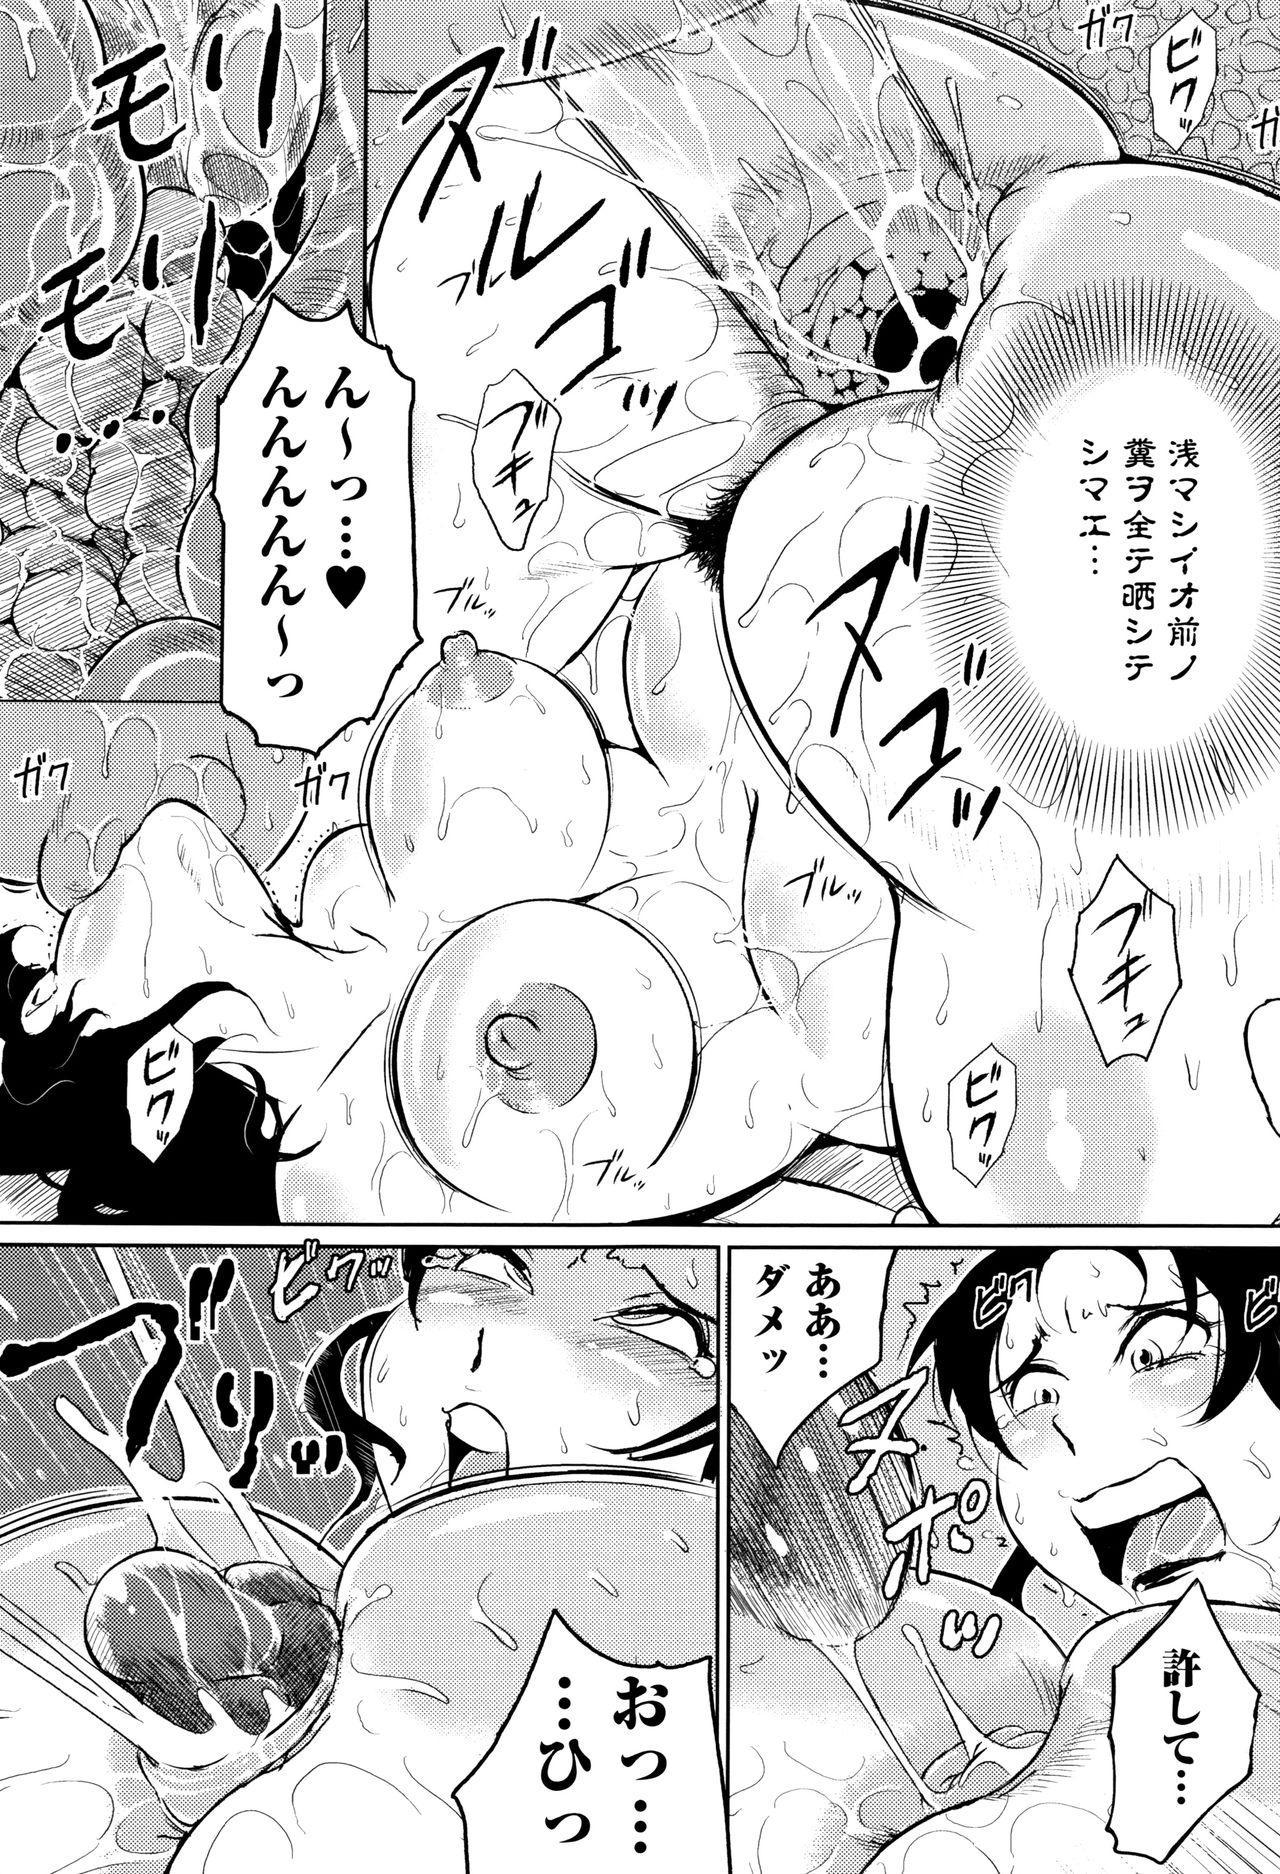 Ero BBA ♥ Dosukebe Ha Sengen 216